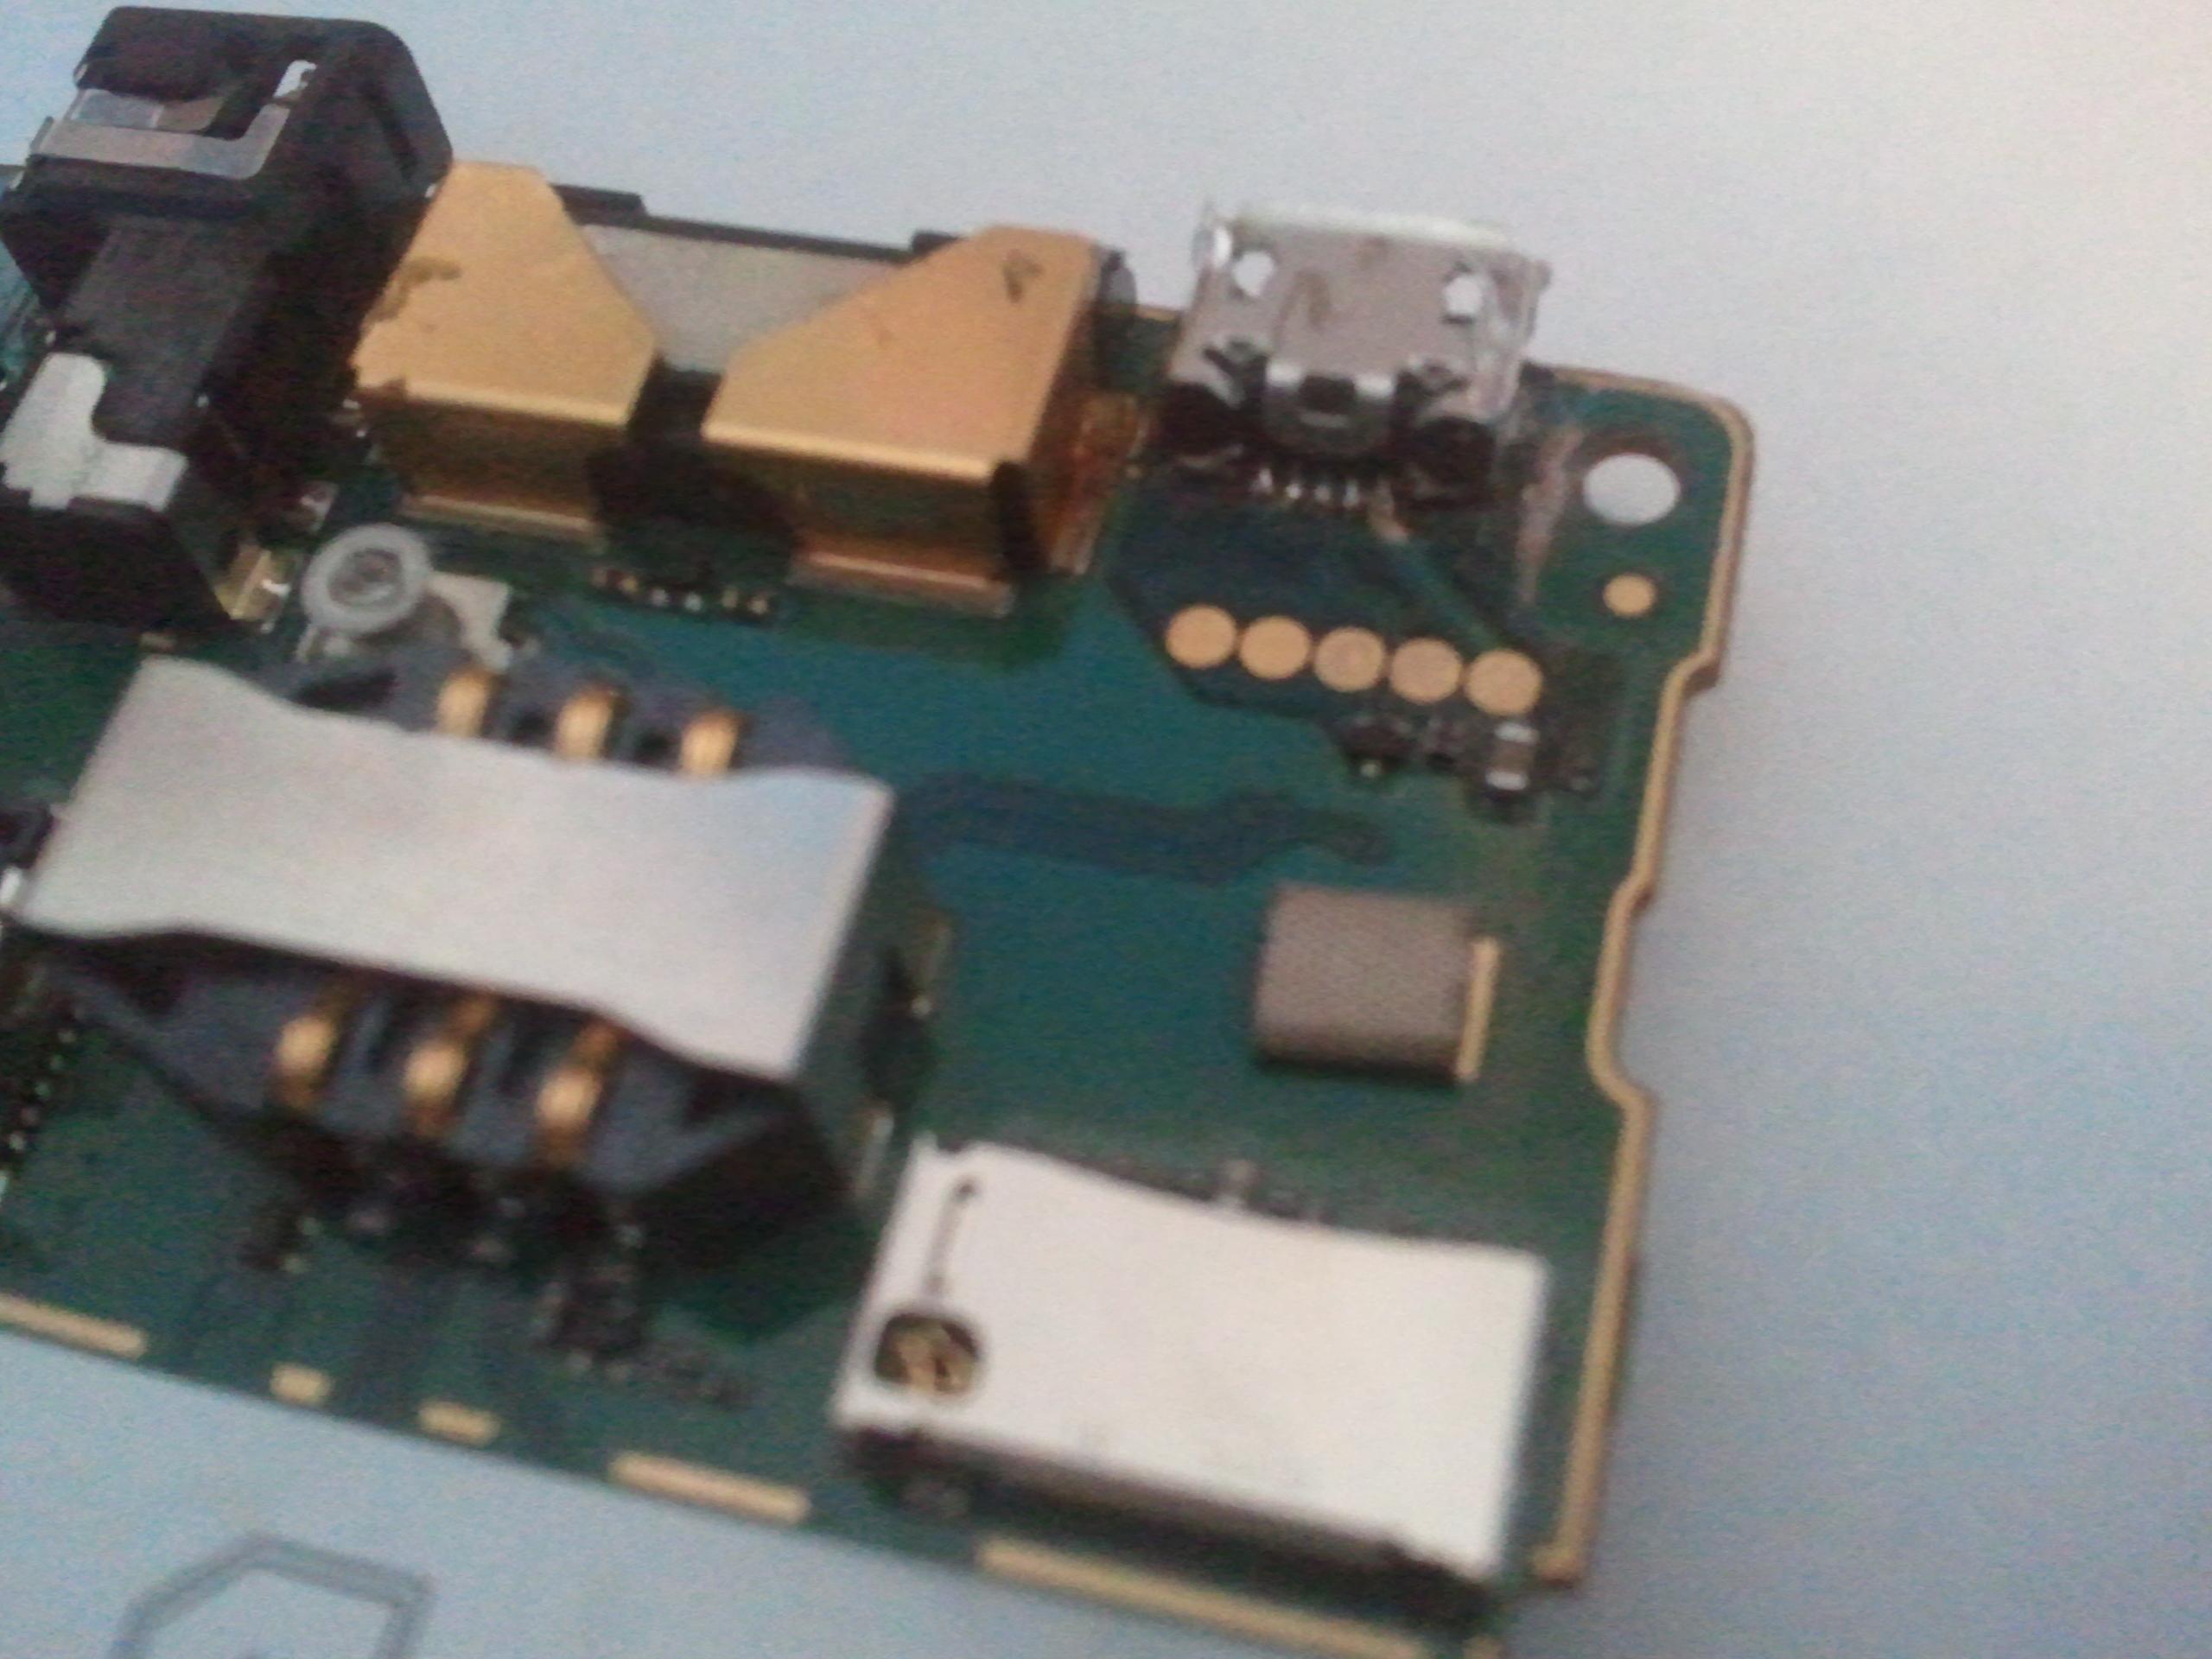 Sony Ericsson Xperia X8 Prawdopodobnie Uszkodzone USB